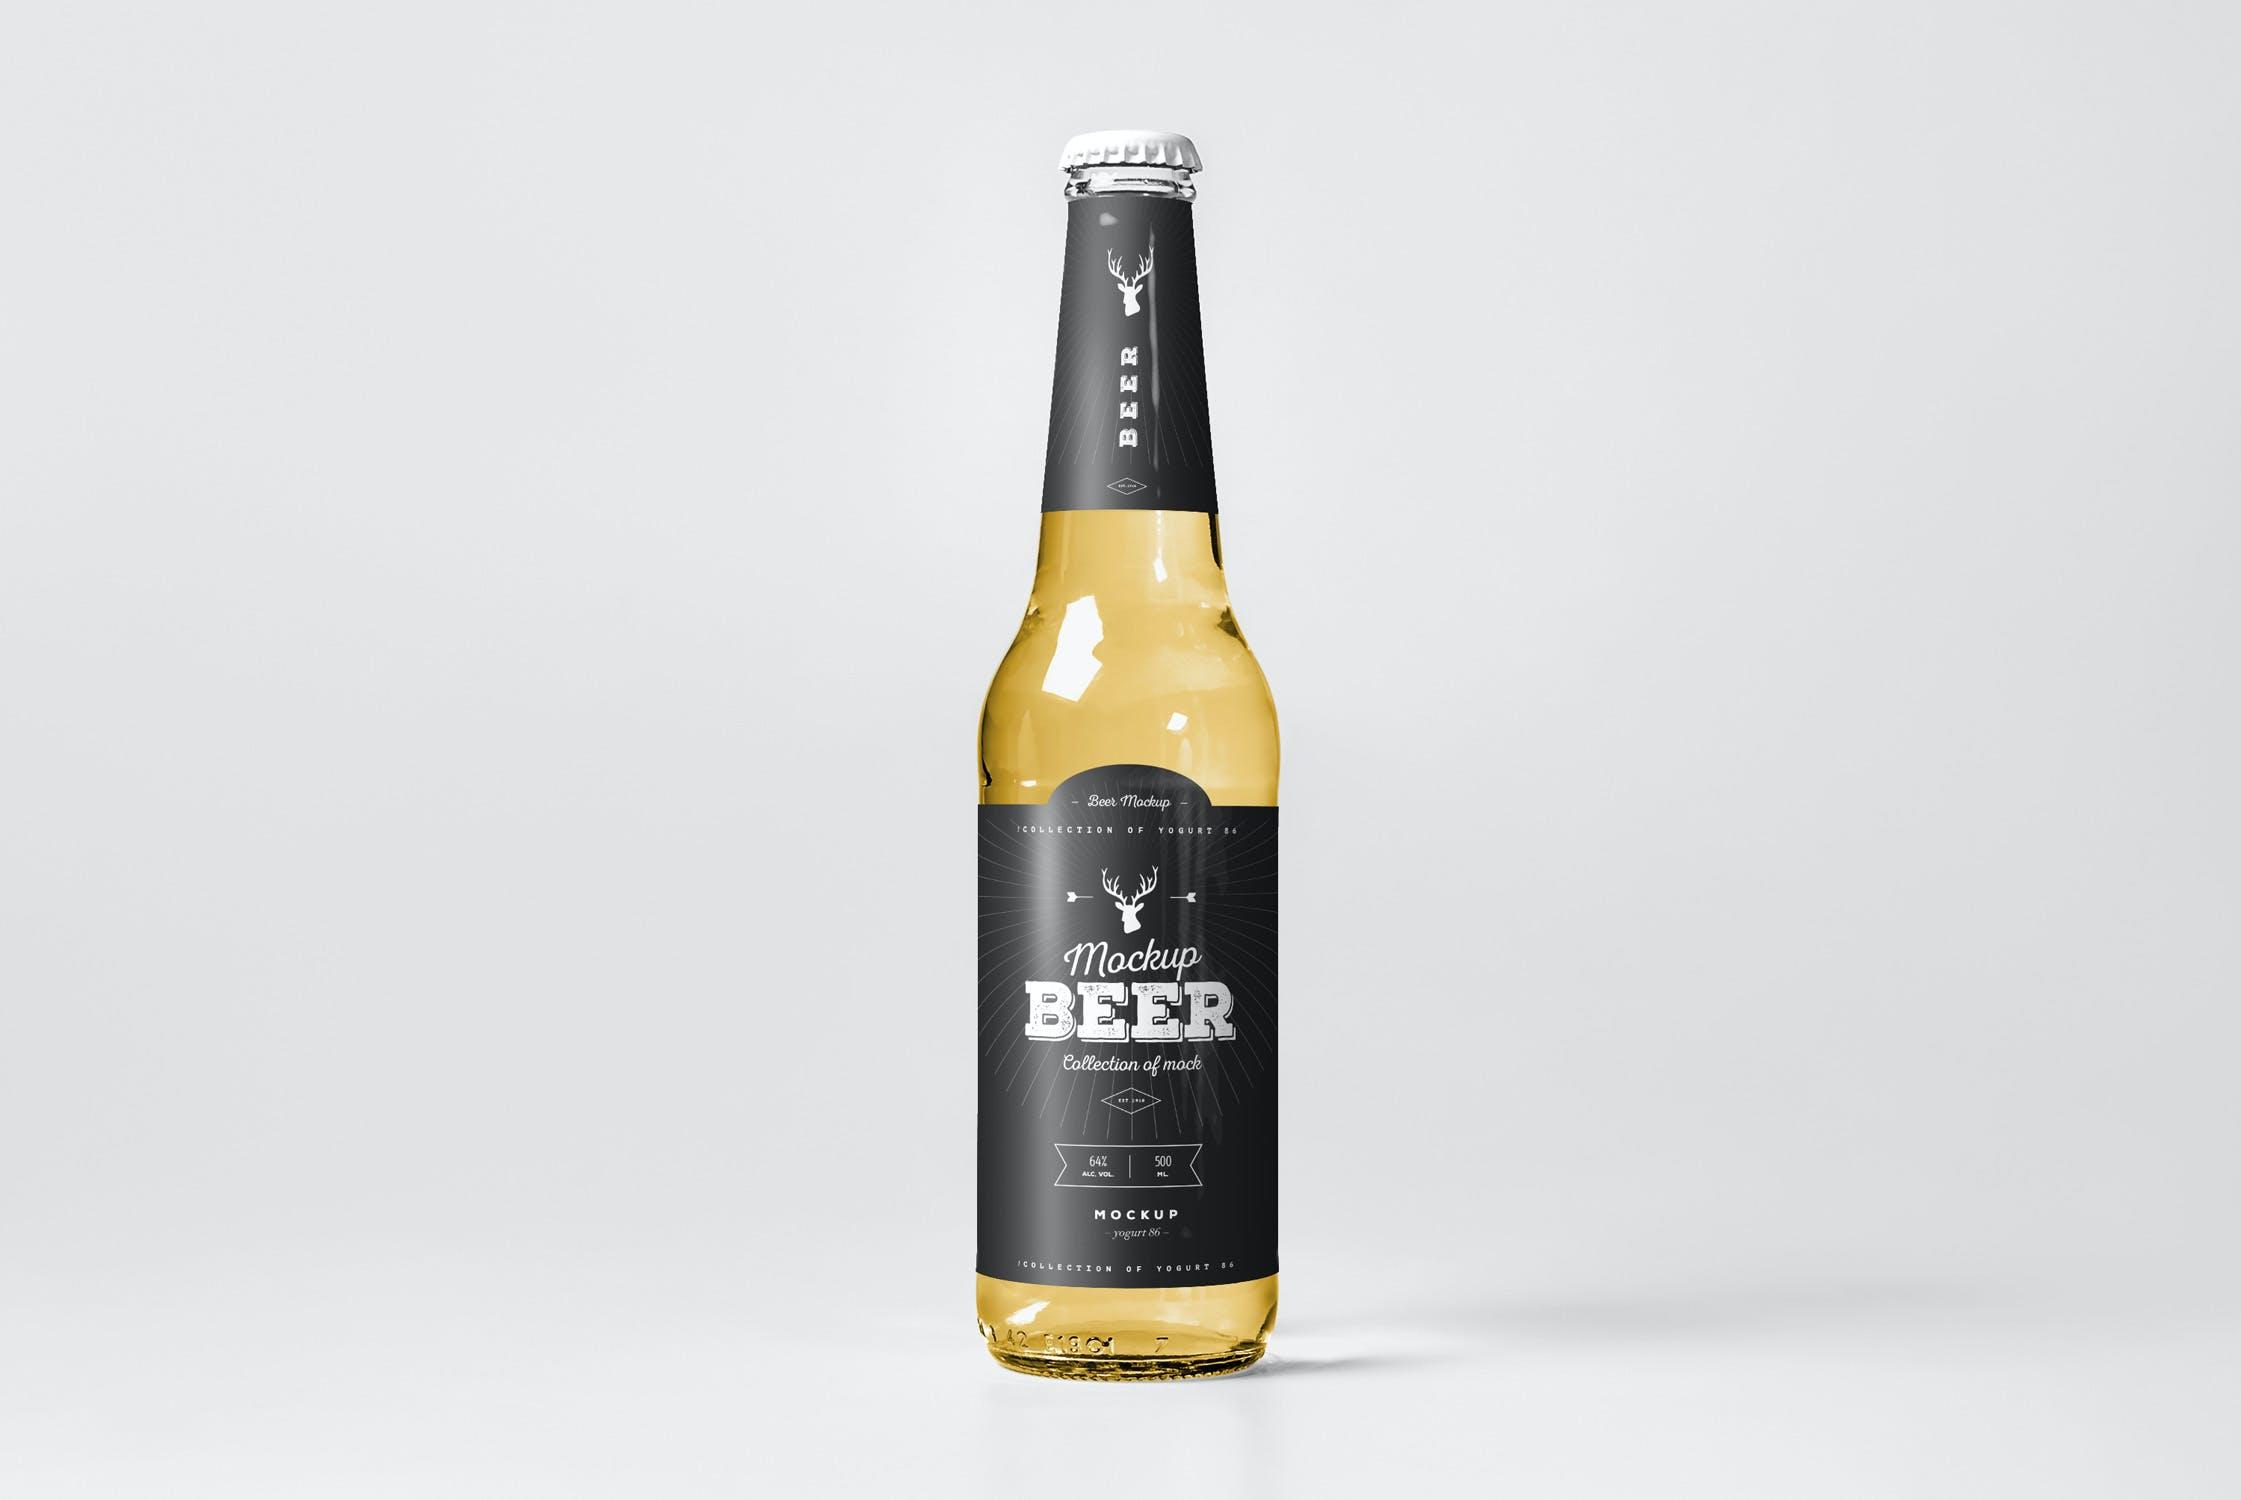 7款啤酒玻璃瓶标签设计展示样机模板 Beer Mockup 5插图(1)